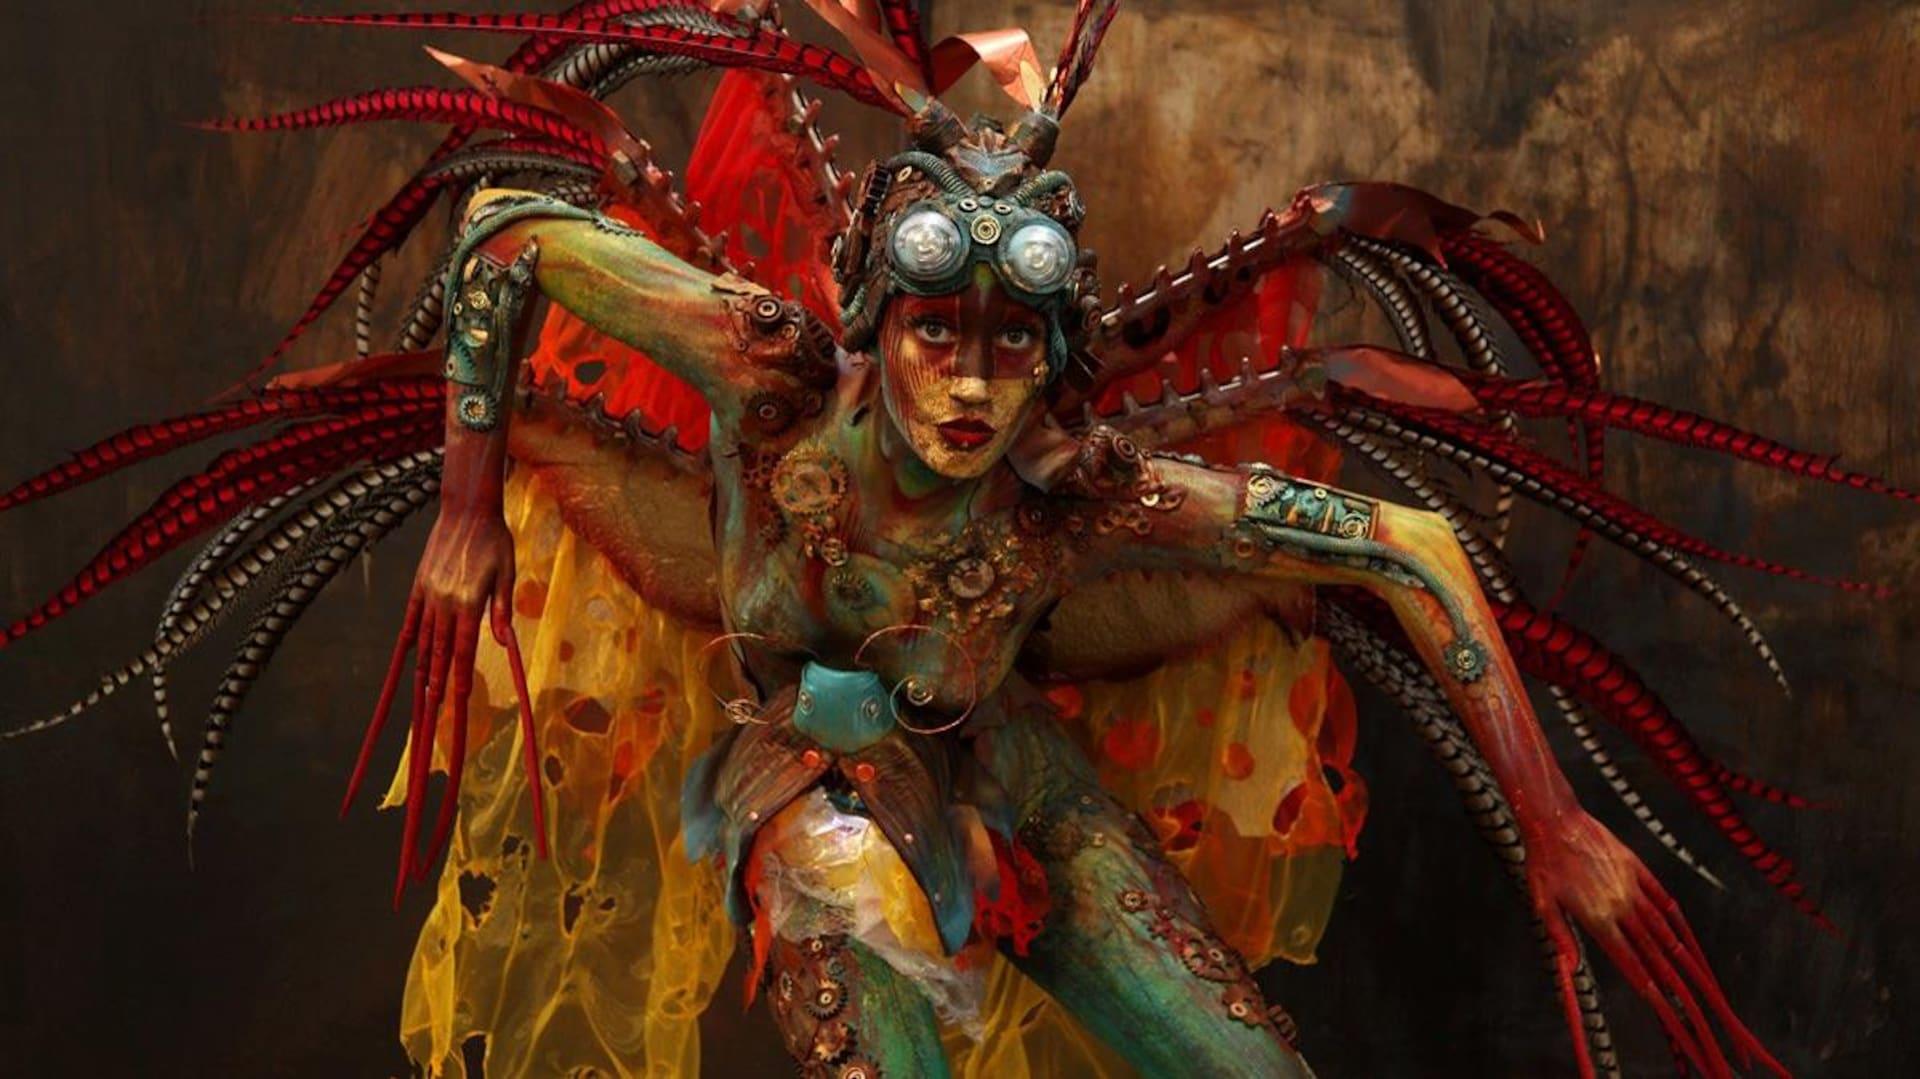 Une femme déguisée en insecte.